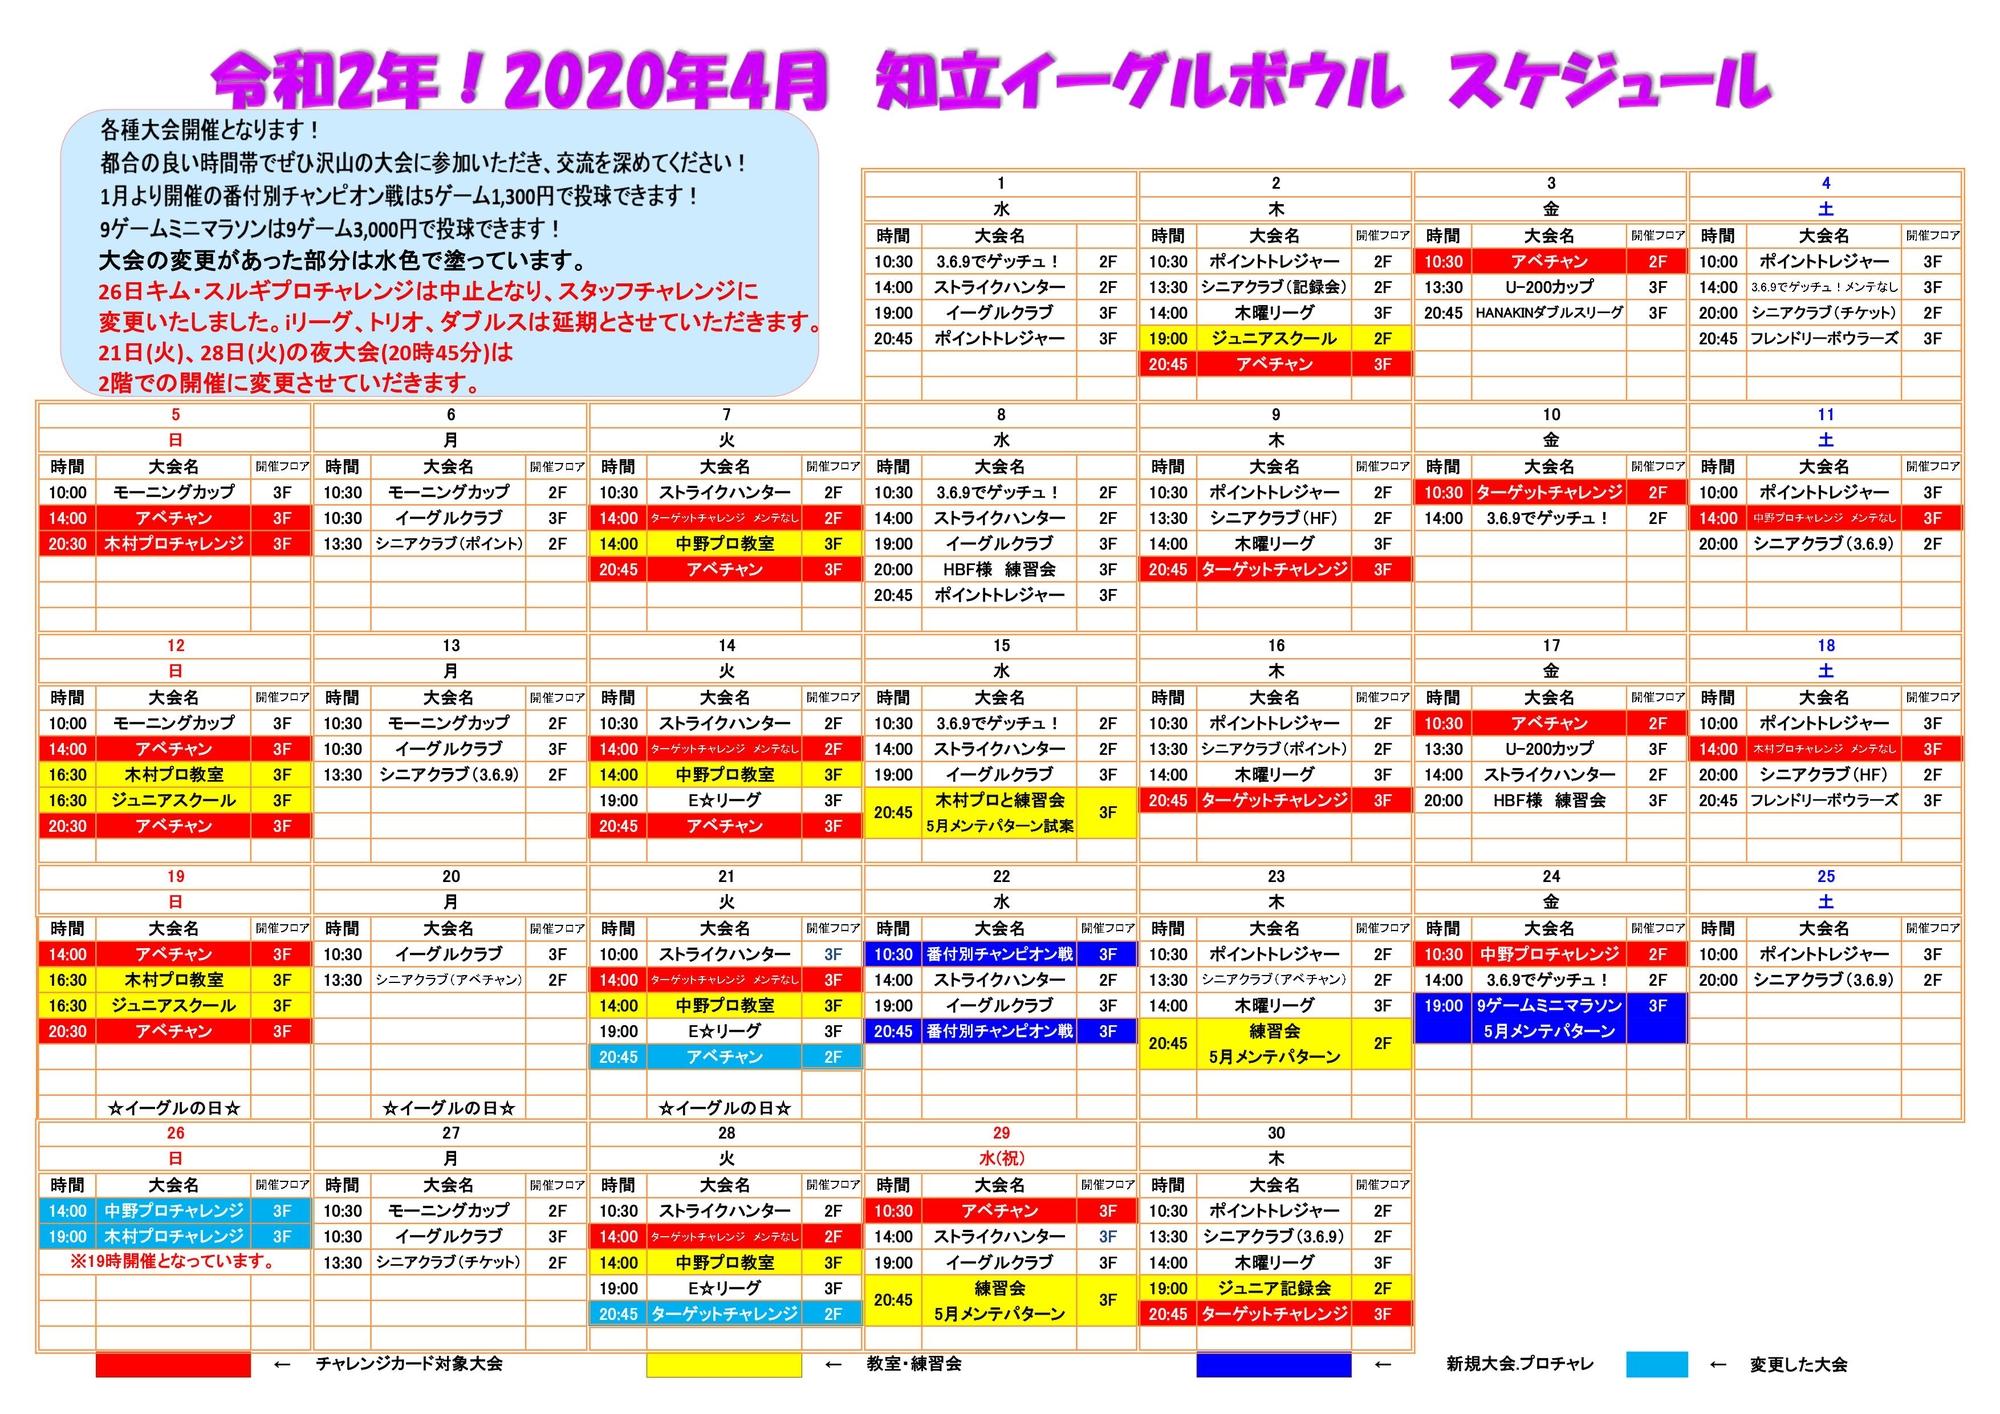 2020年4月 大会スケジュール【改訂】